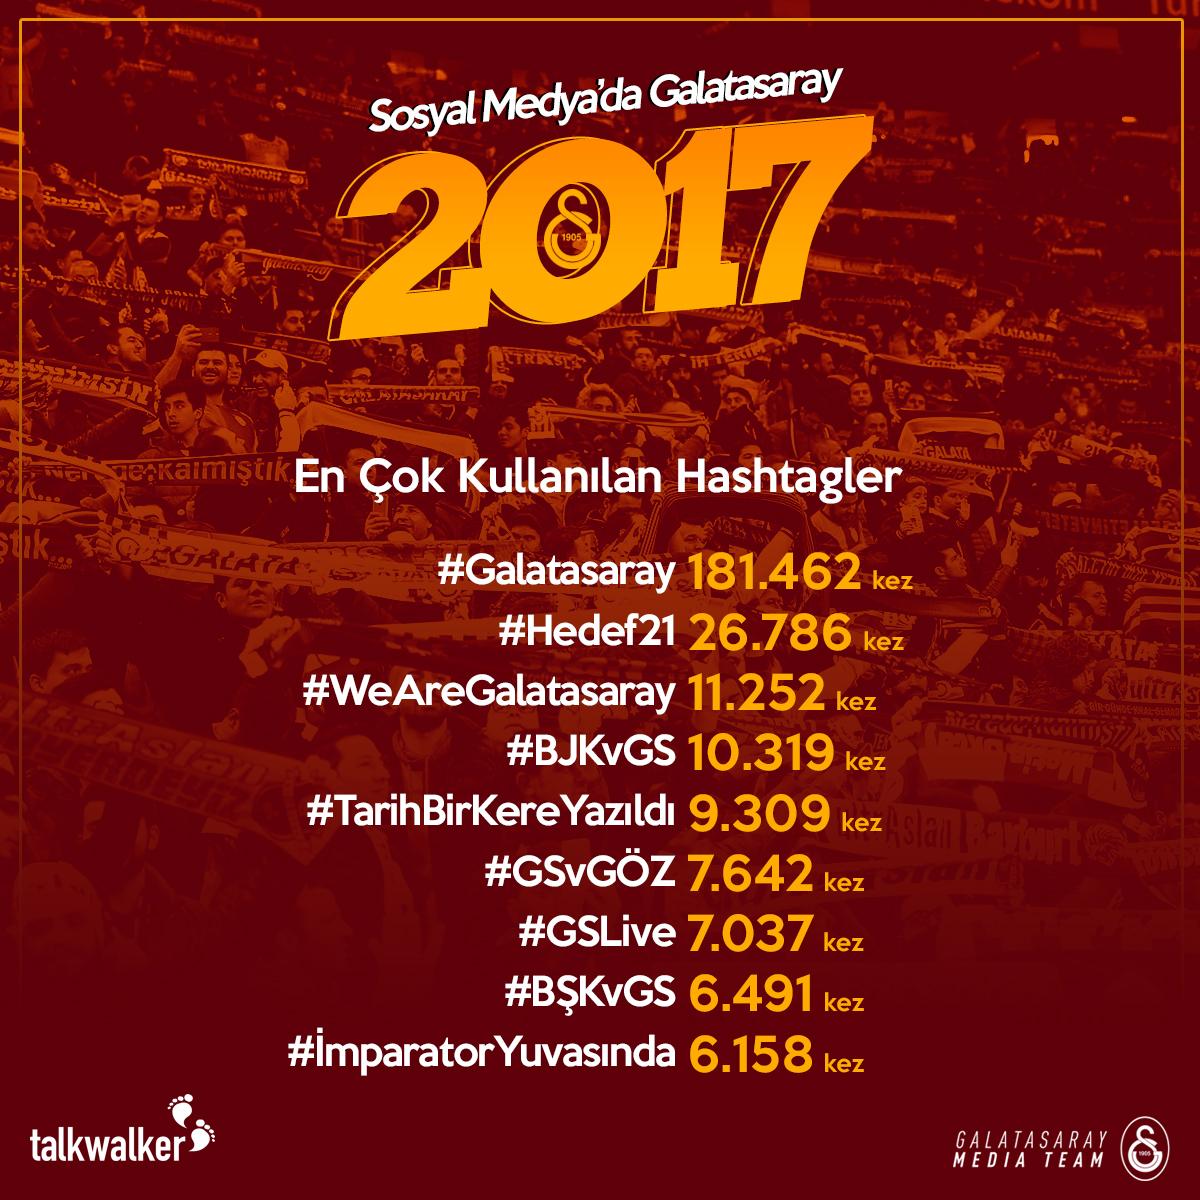 2017-sm-en-cok-kullanilan-hashtag.jpg